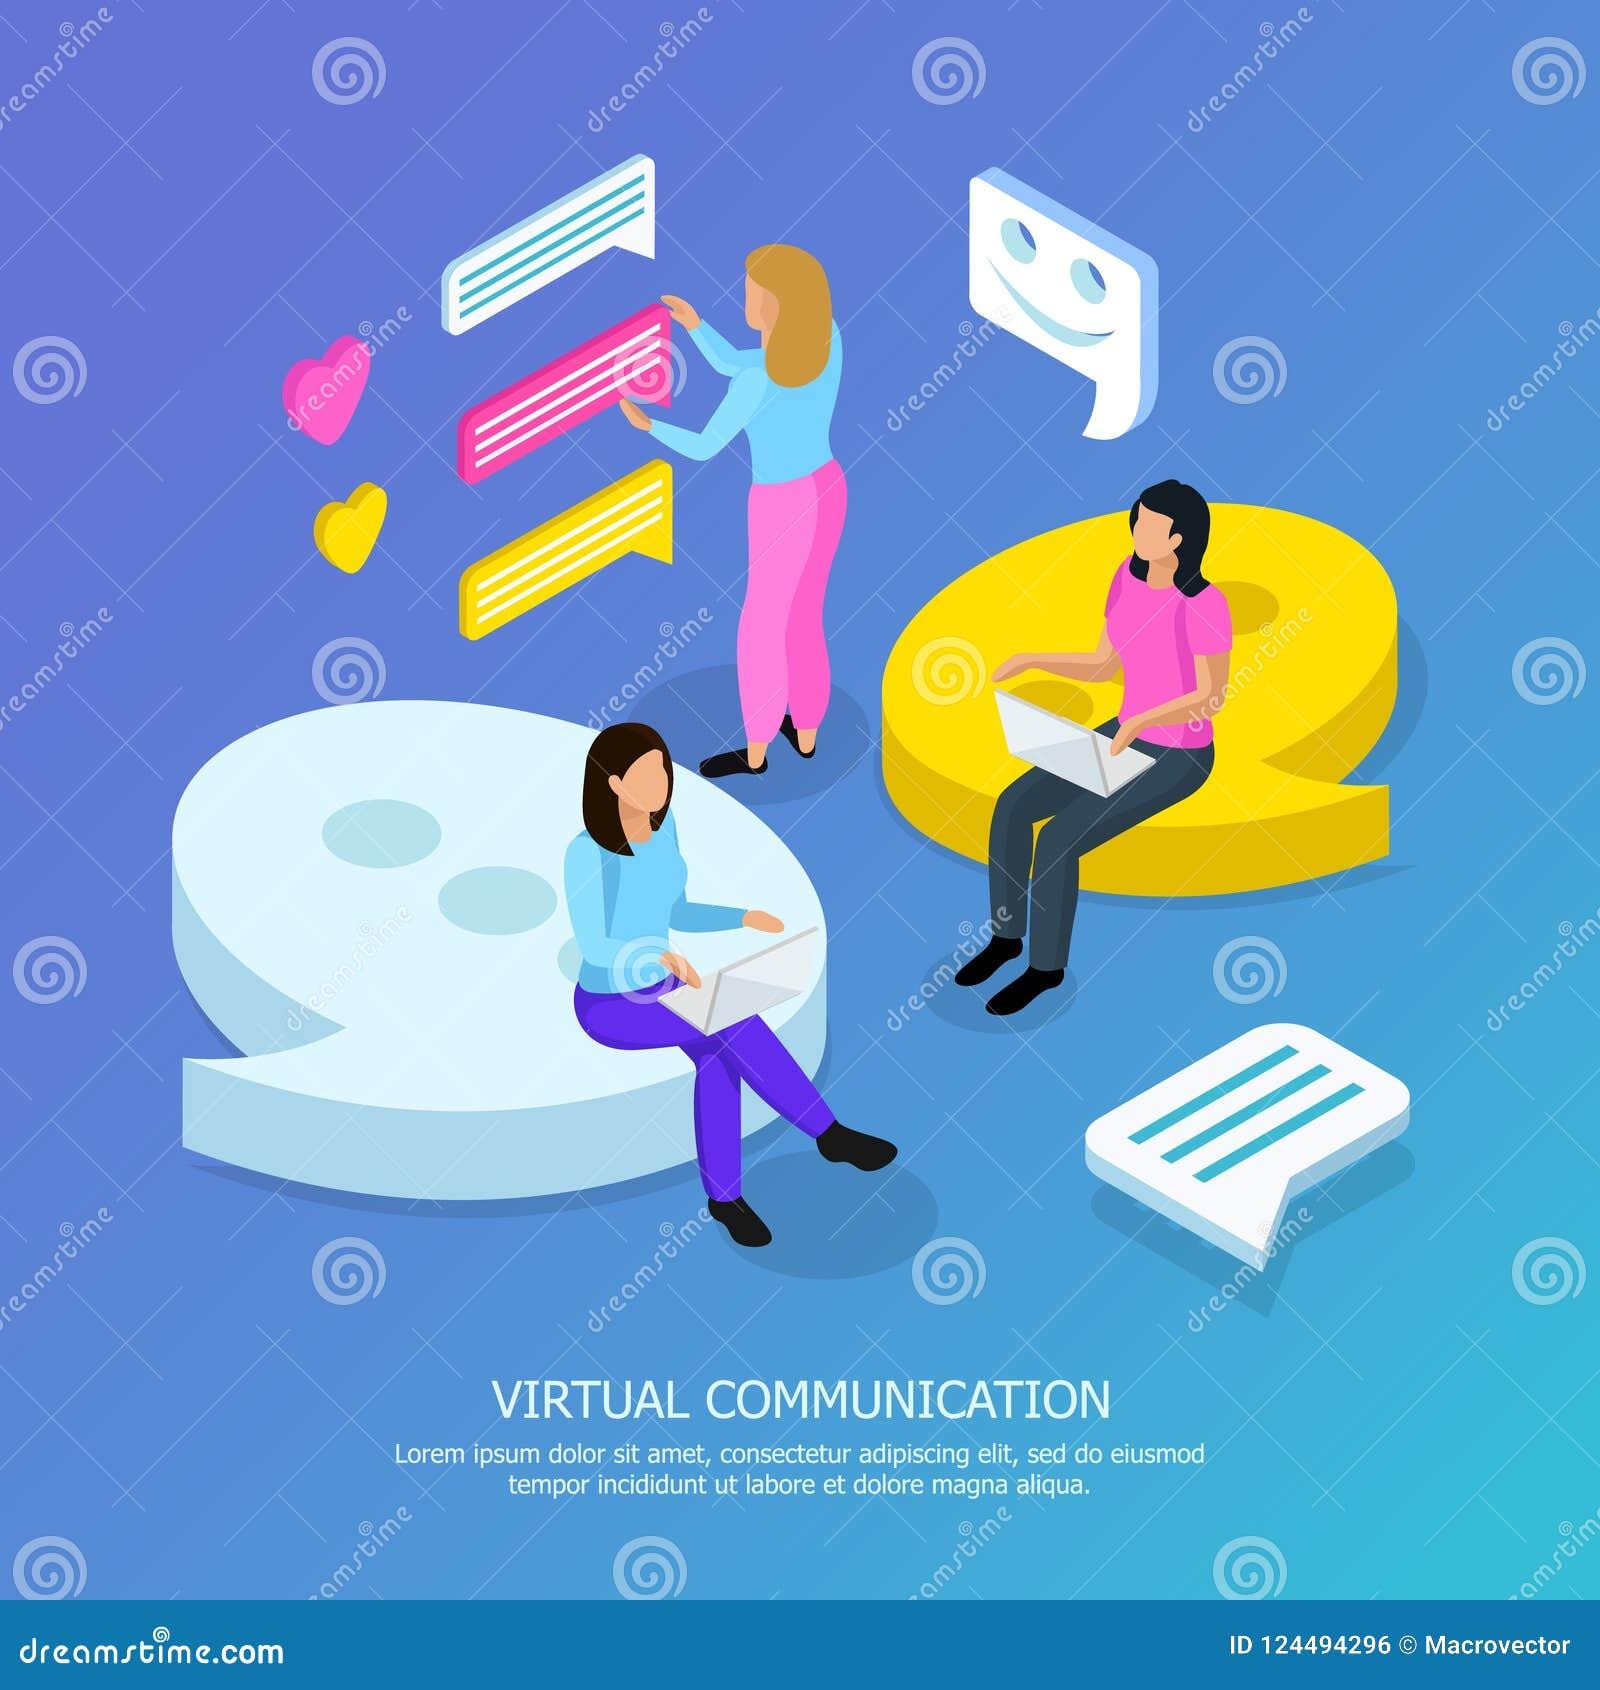 Virtual Communication Isometric Background